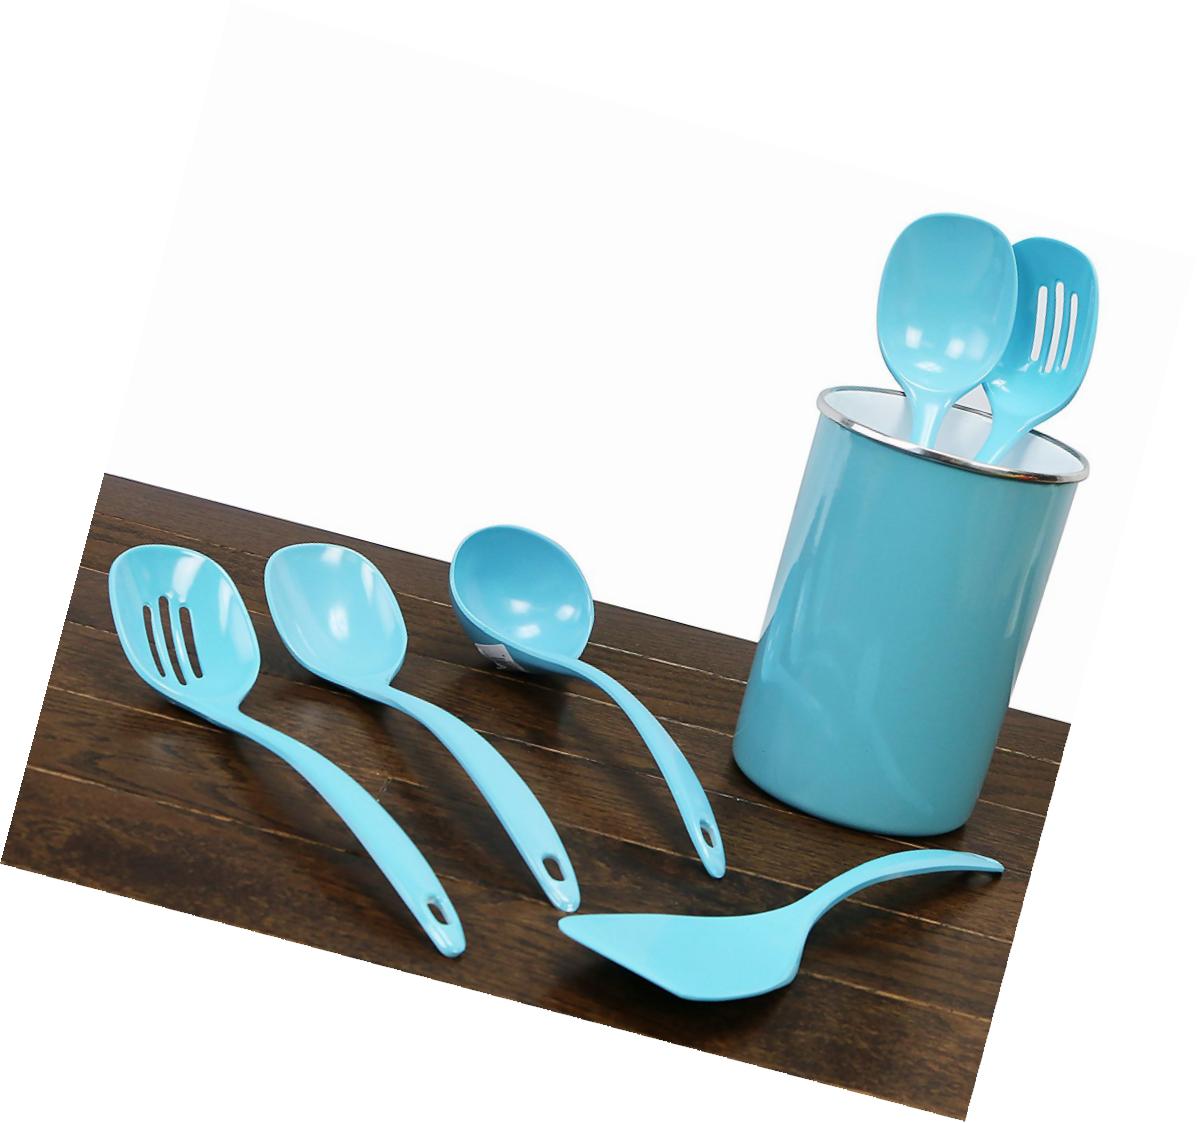 Cookware Kitchen Melamine Utensil Set 4-Piece Cooking Utensils ...